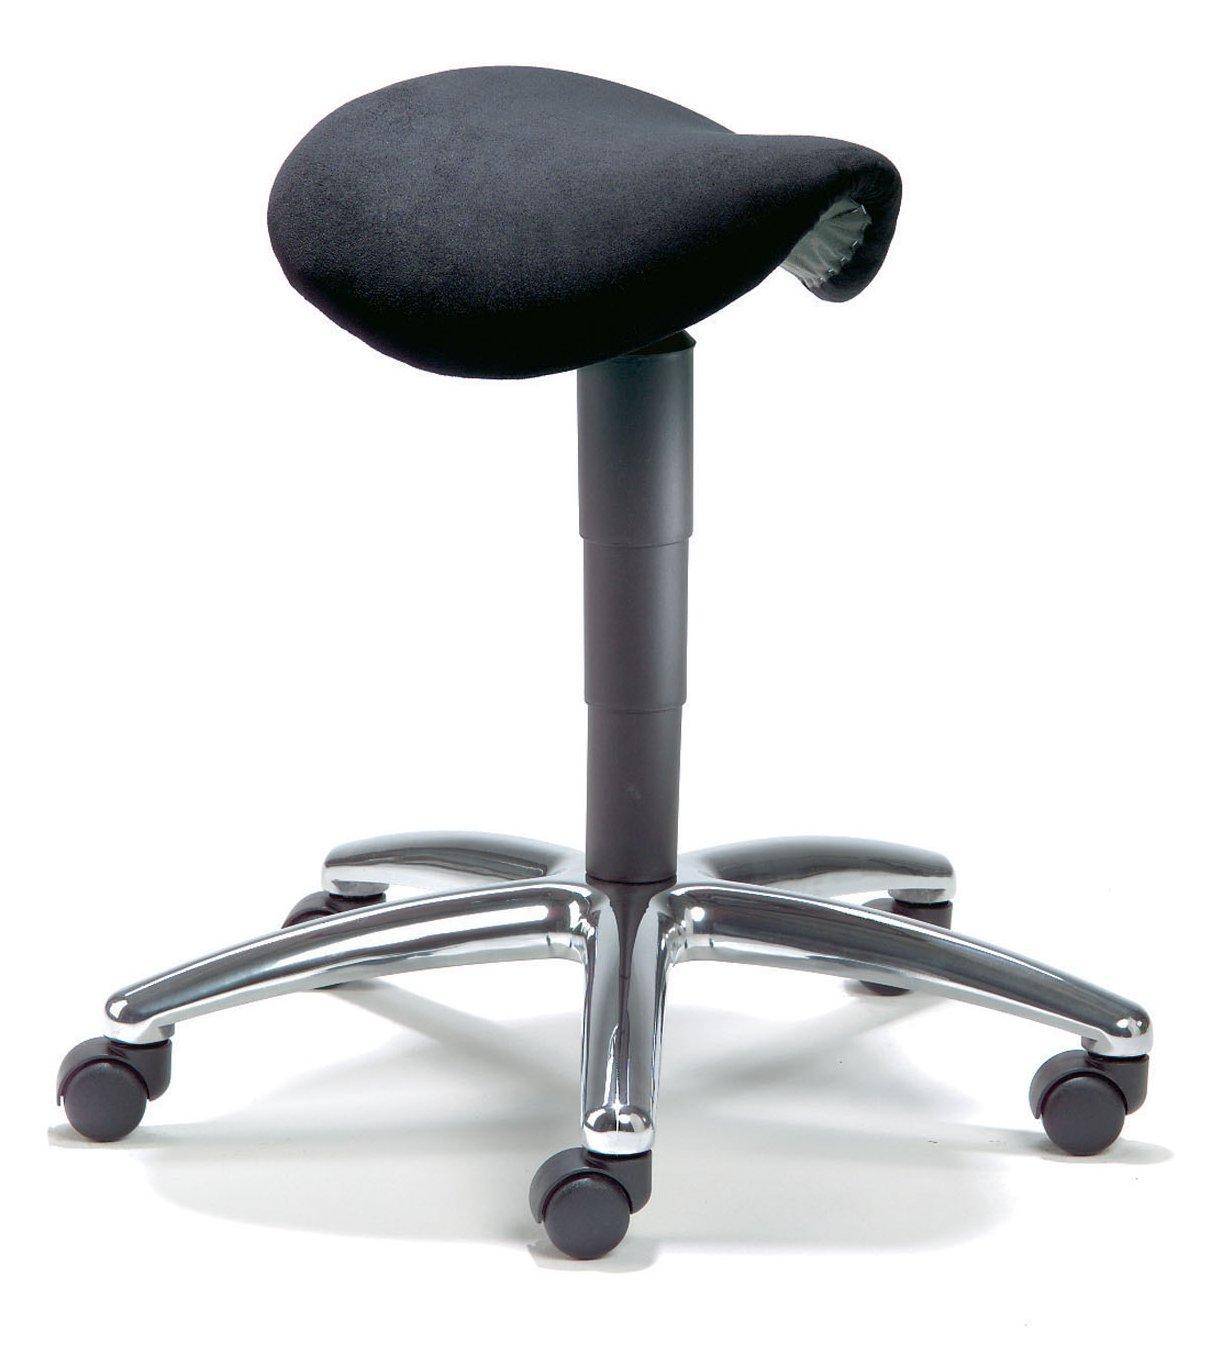 Drehhocker ergonomisch  höhenverstellbarer Drehhocker / Arbeitshocker mit einem ...